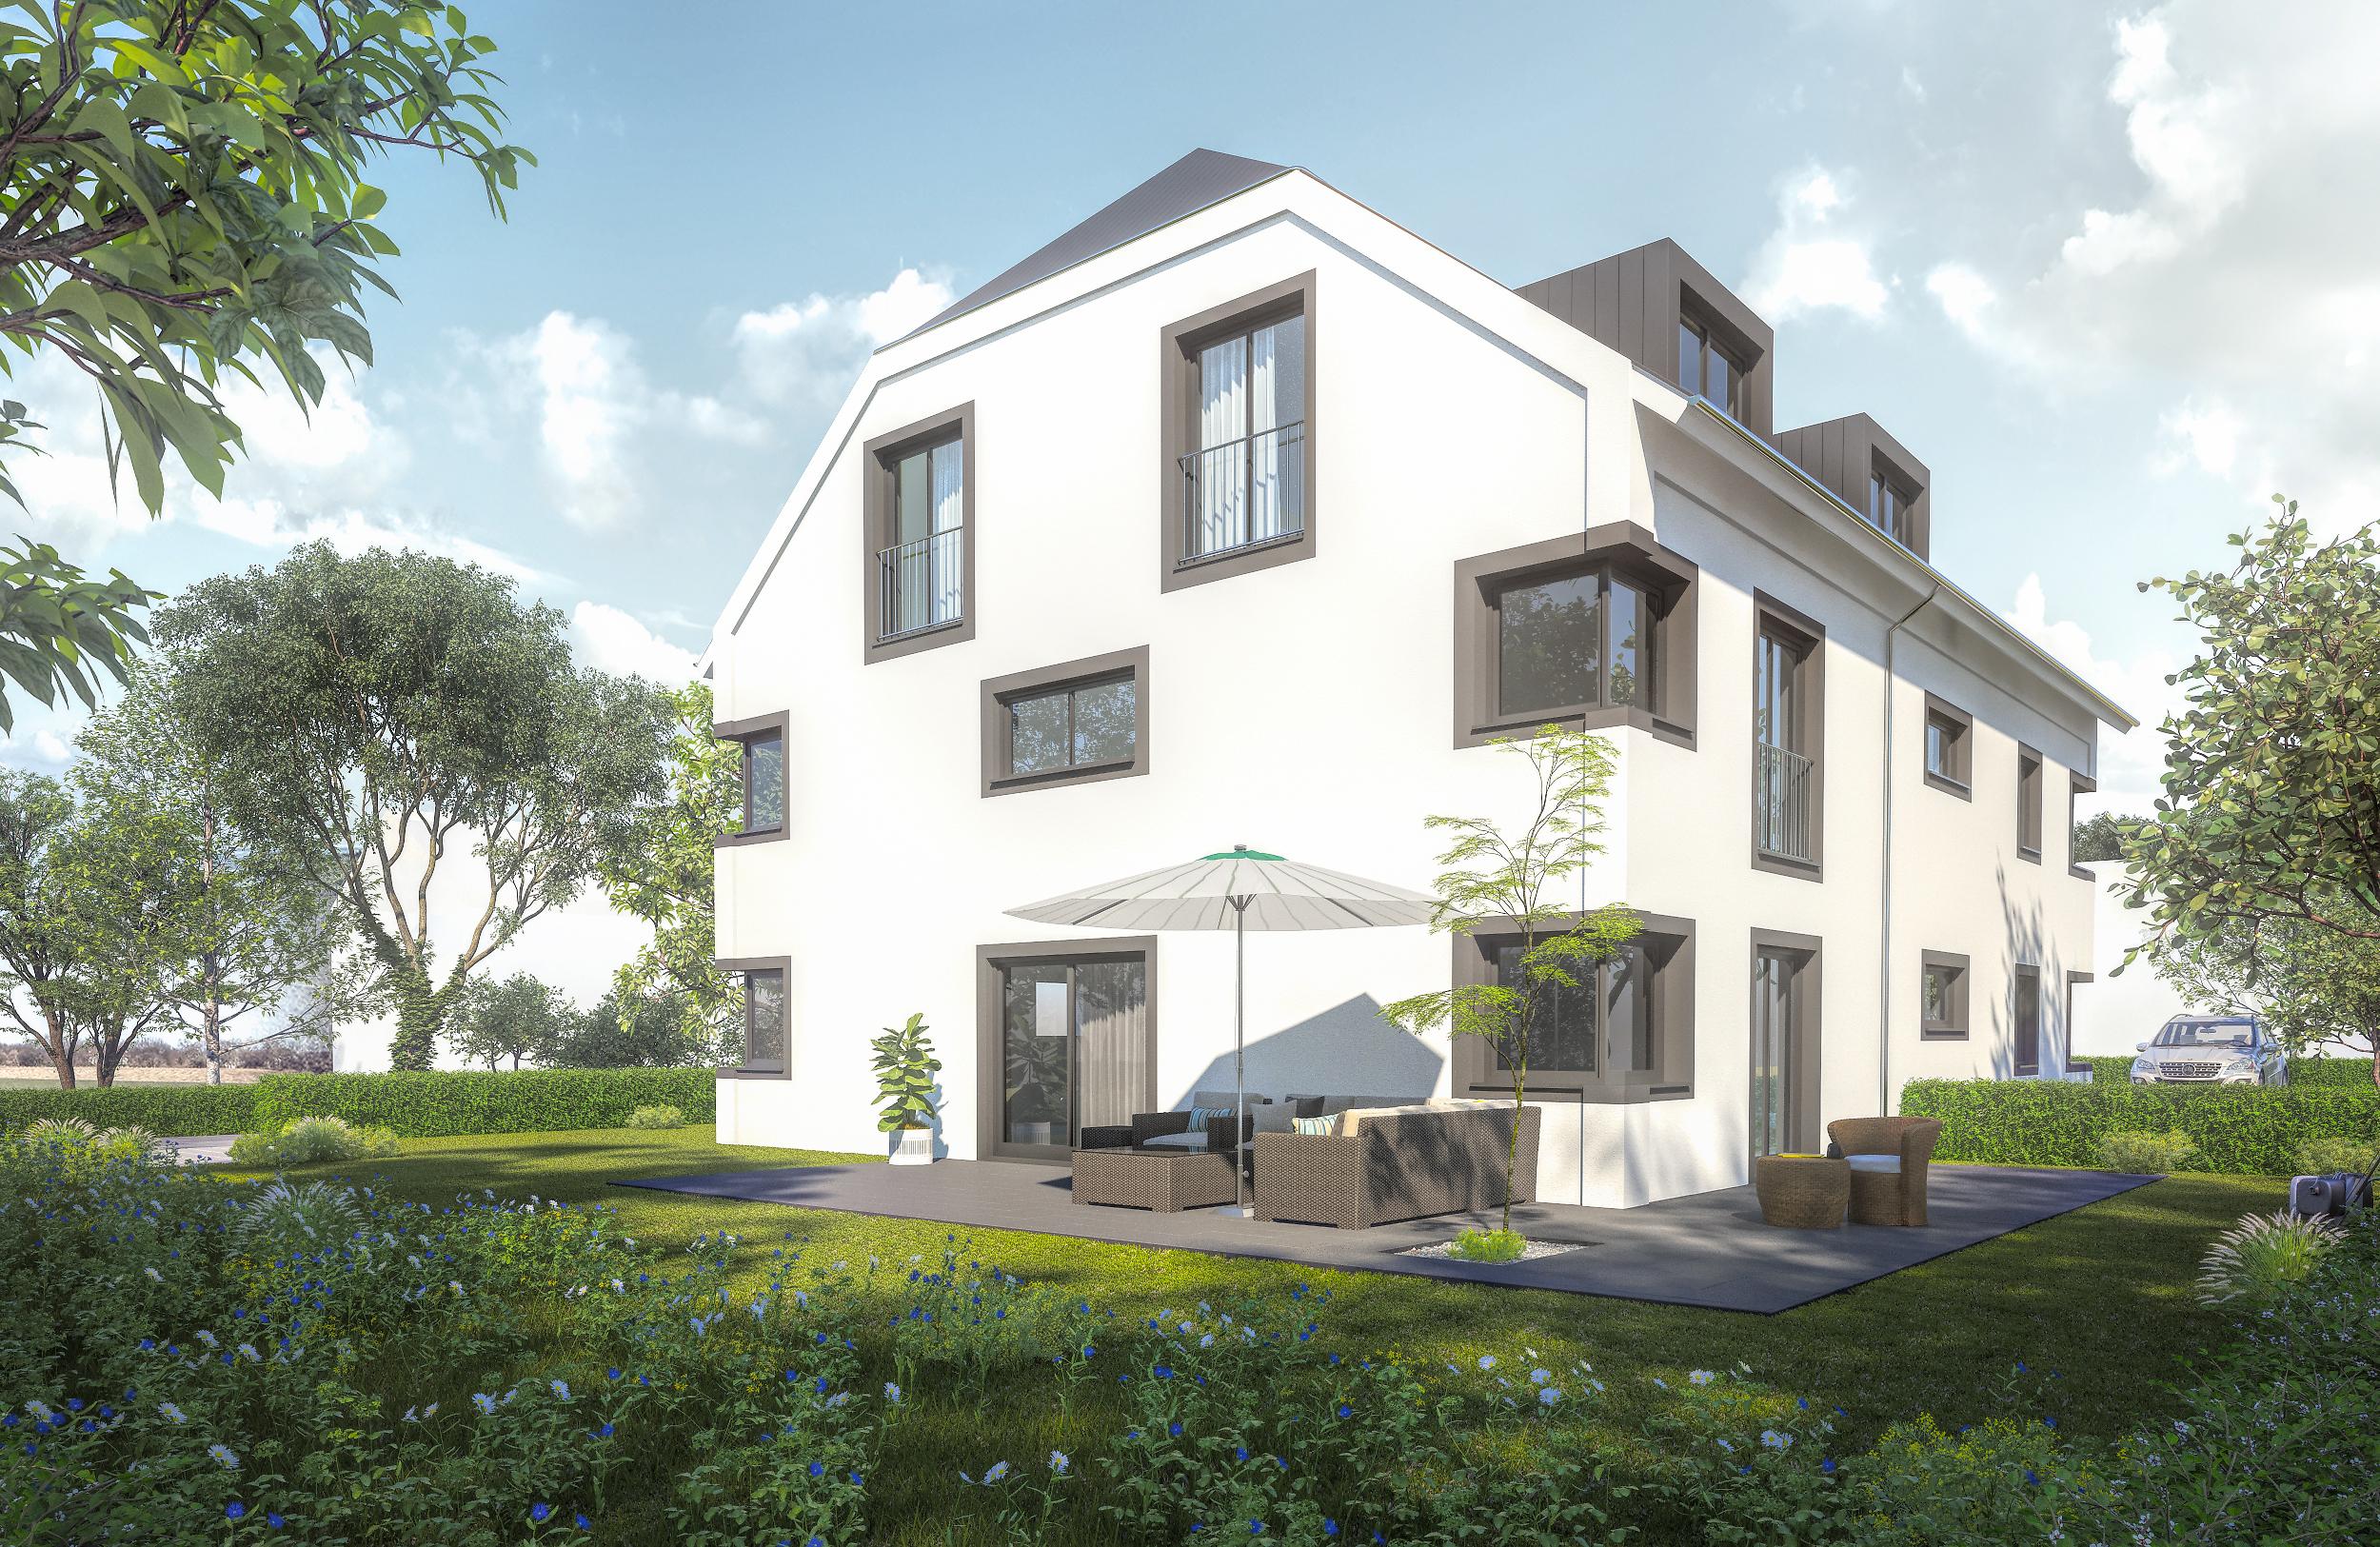 Architekturvisualisierung einer Gartenwohnung exterior